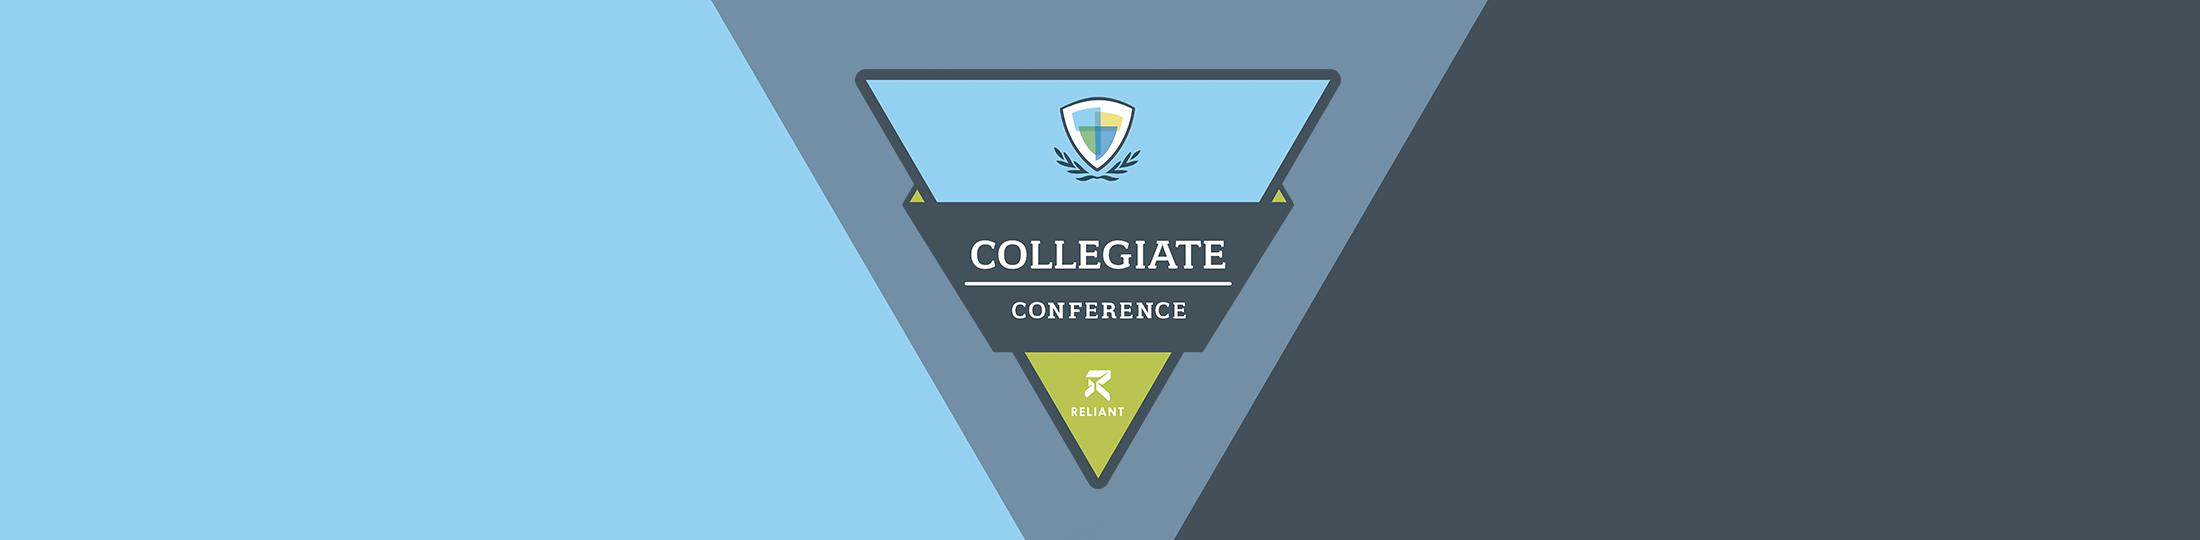 Collegiate Conference 2018